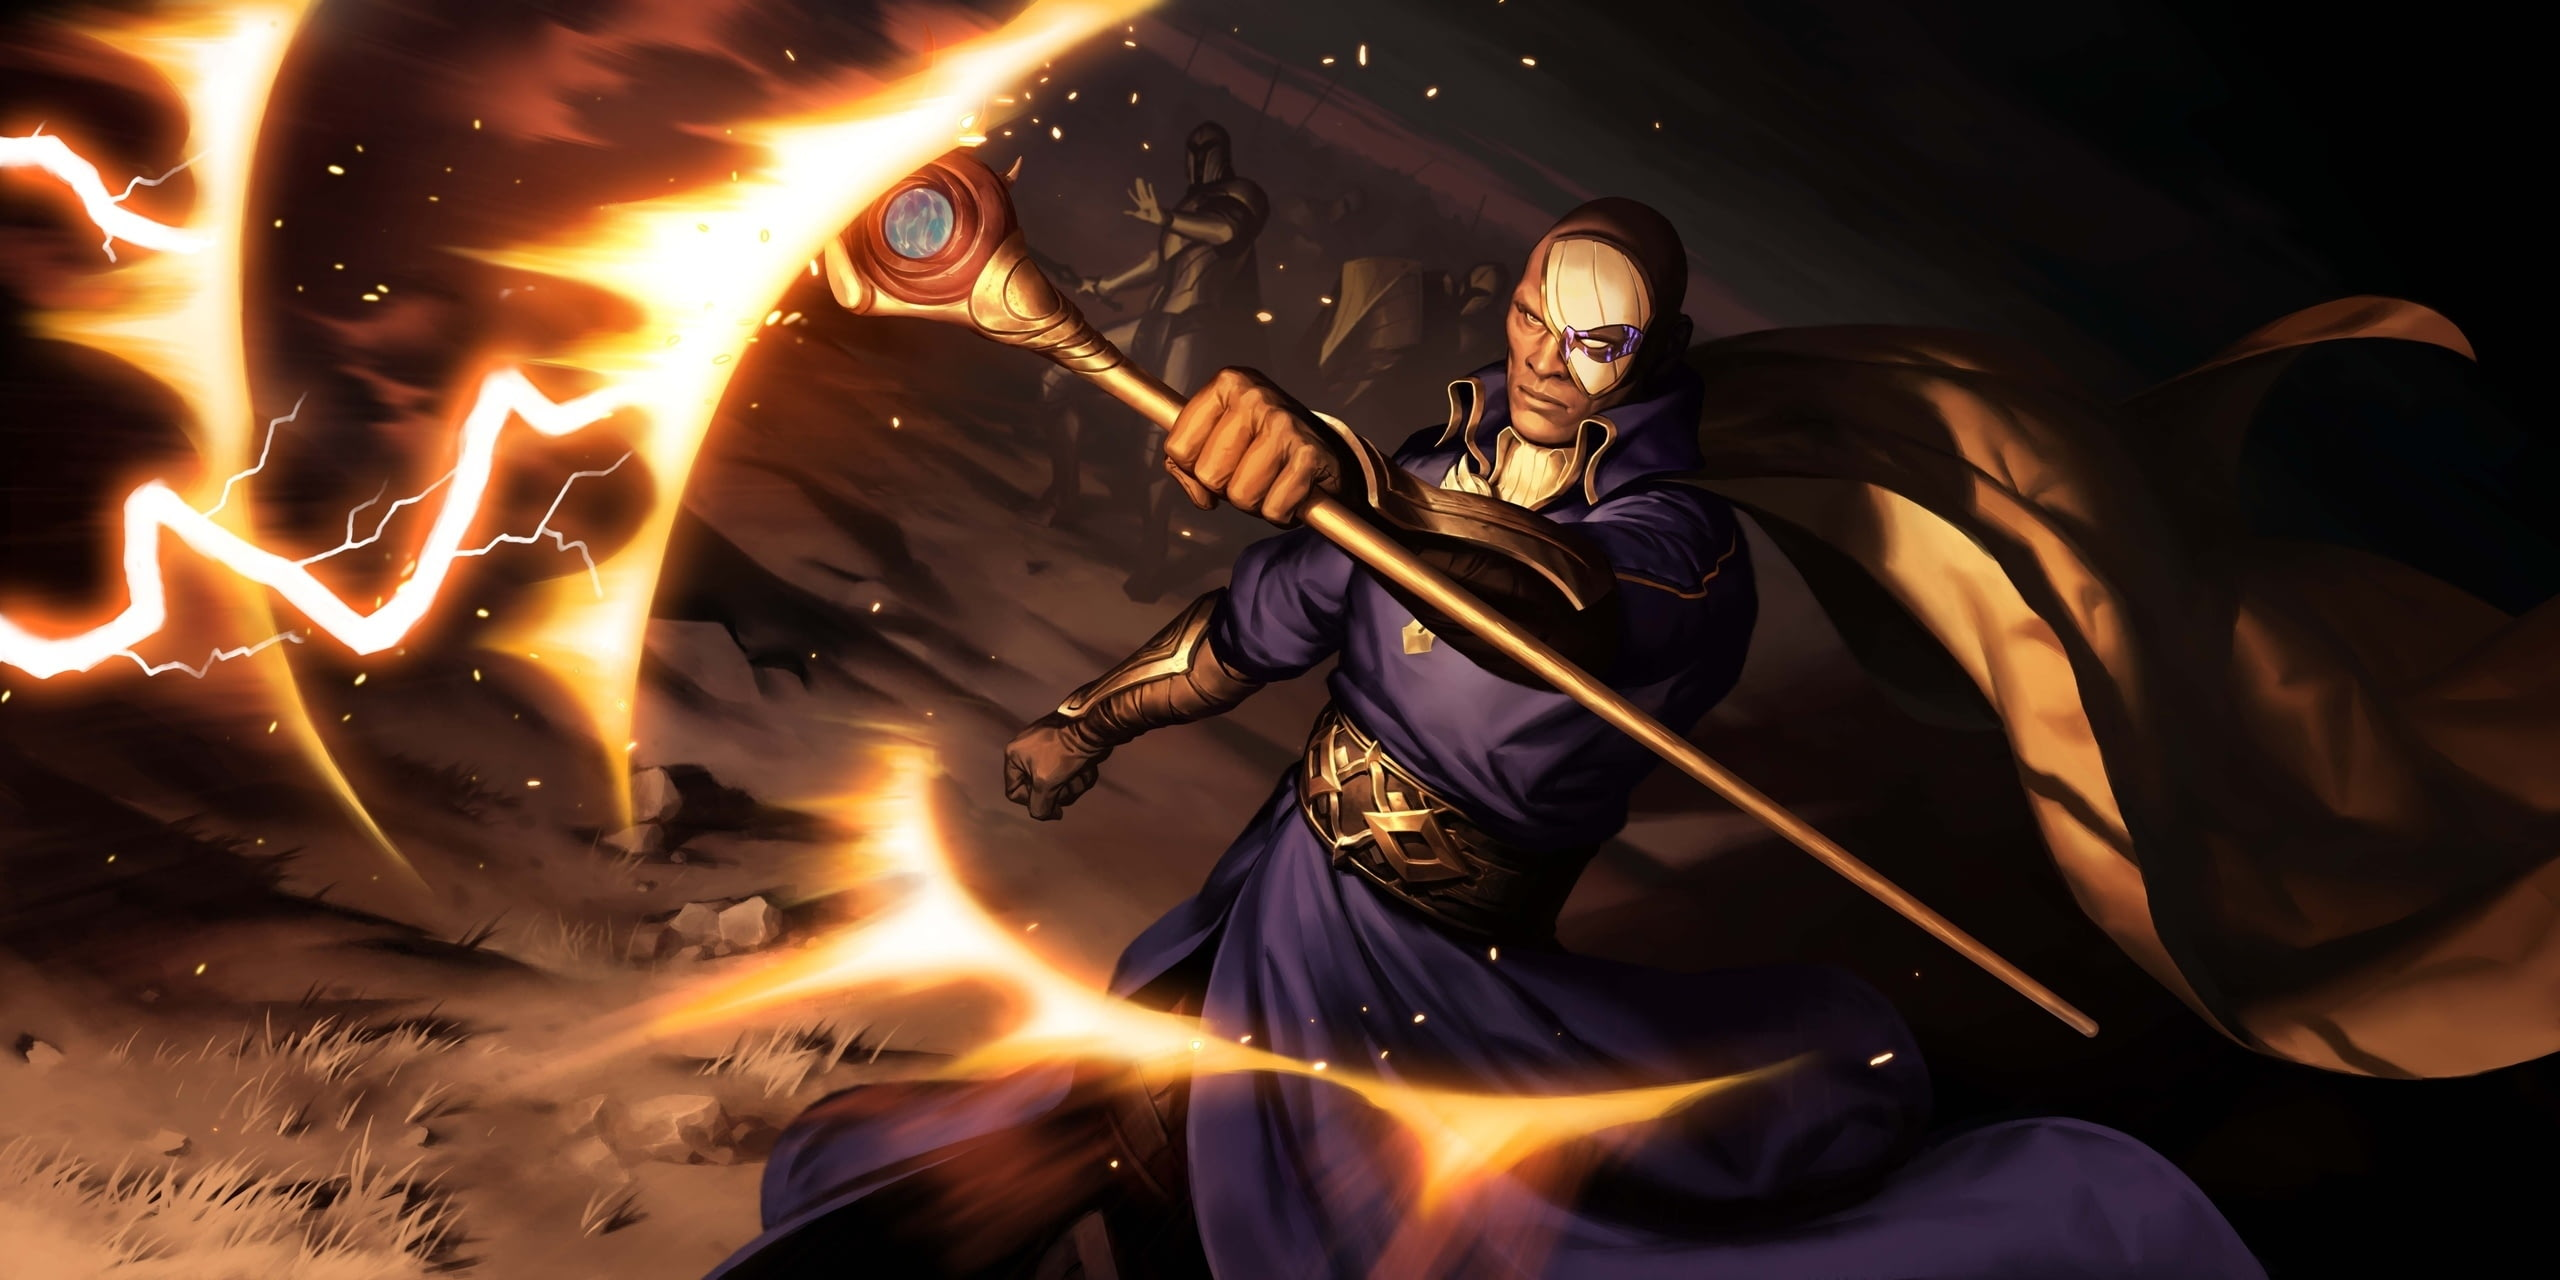 Riot Games выпустит мультсериал, шутер и файтинг во вселенной League of Legends